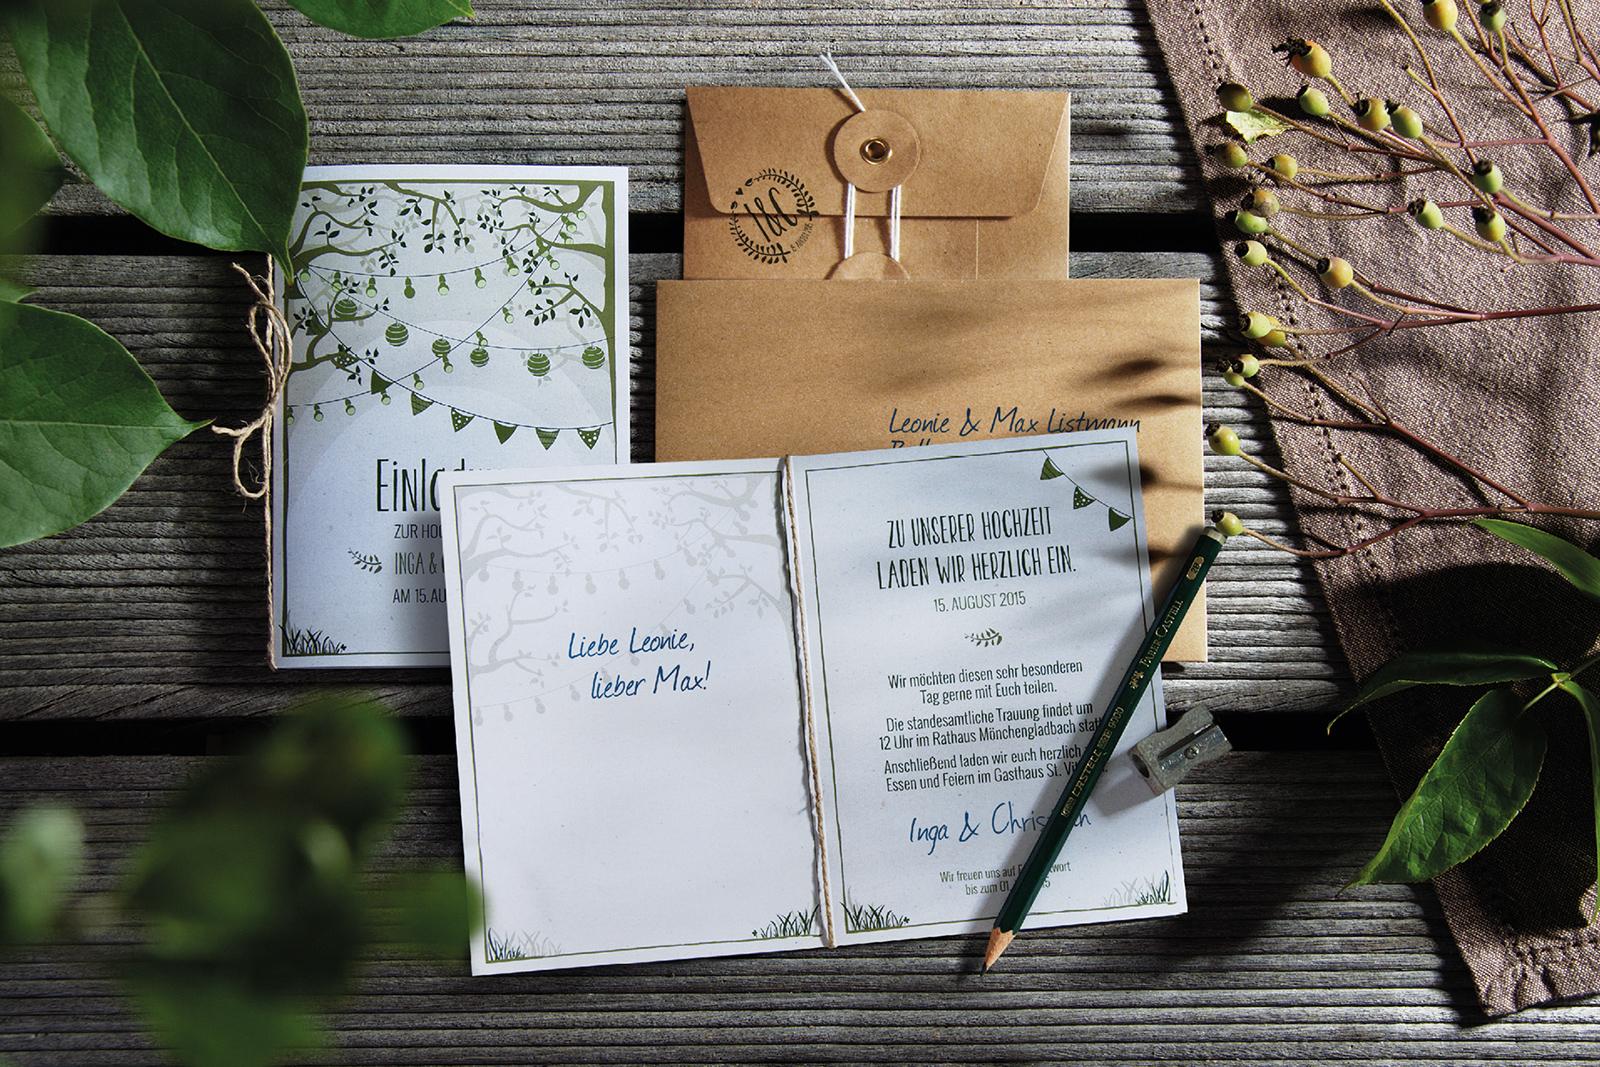 2-Hochzeitskarte-Einladung-Hochzeitseinladung-Hochzeitskartendesign-Gartentraum-Gartenfest-Bäume-Blätter-1